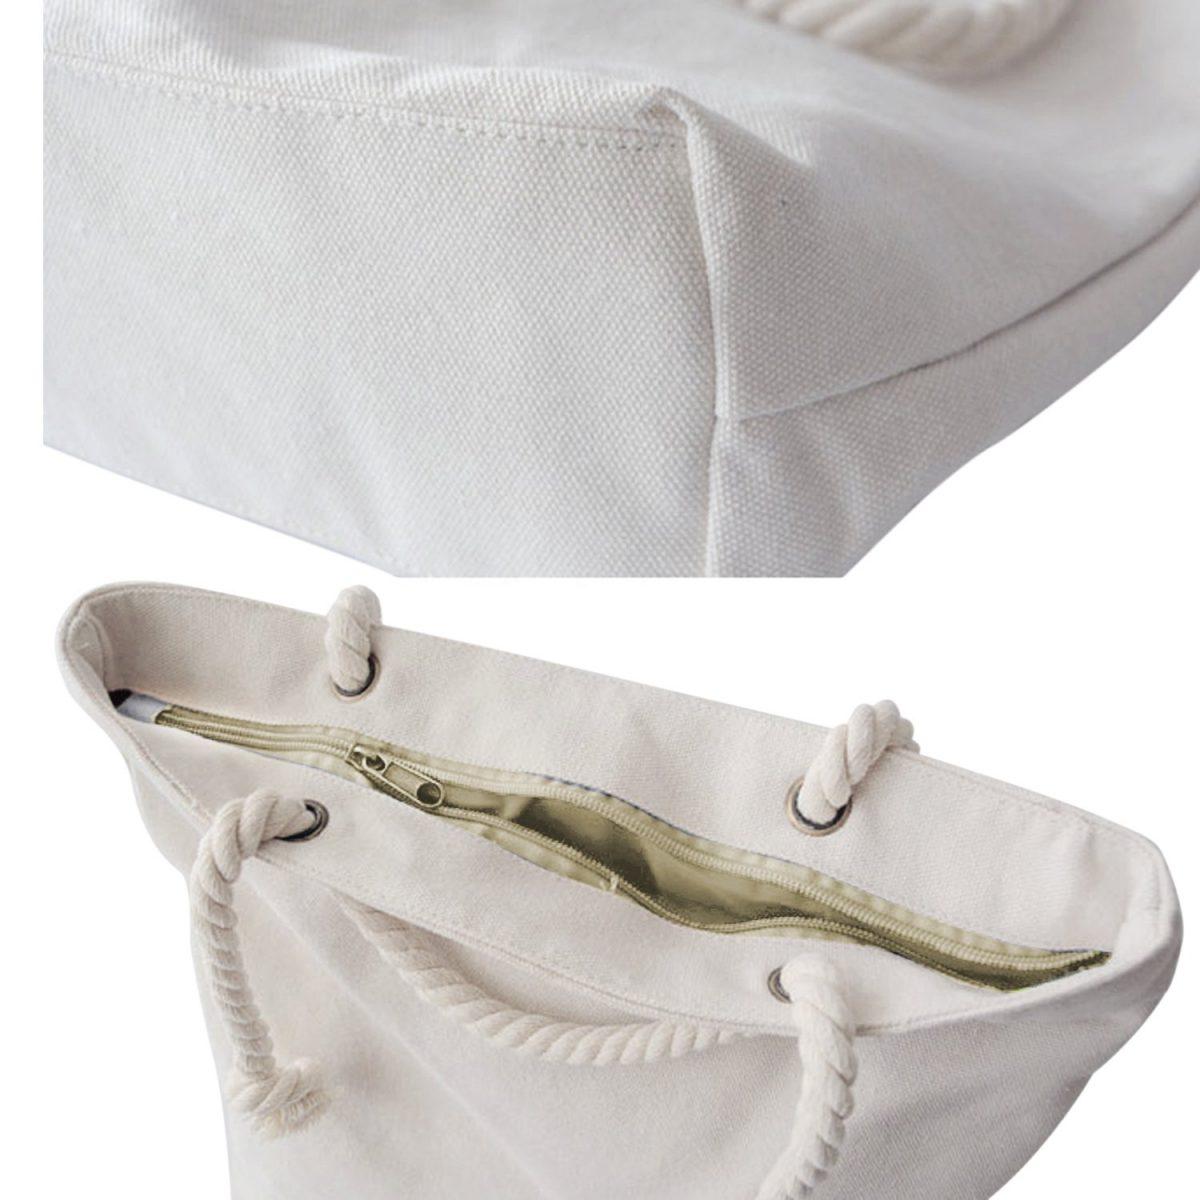 Modern Zigzag Desenli Dijital Baskılı Fermuarlı Modern Kumaş Çanta Realhomes